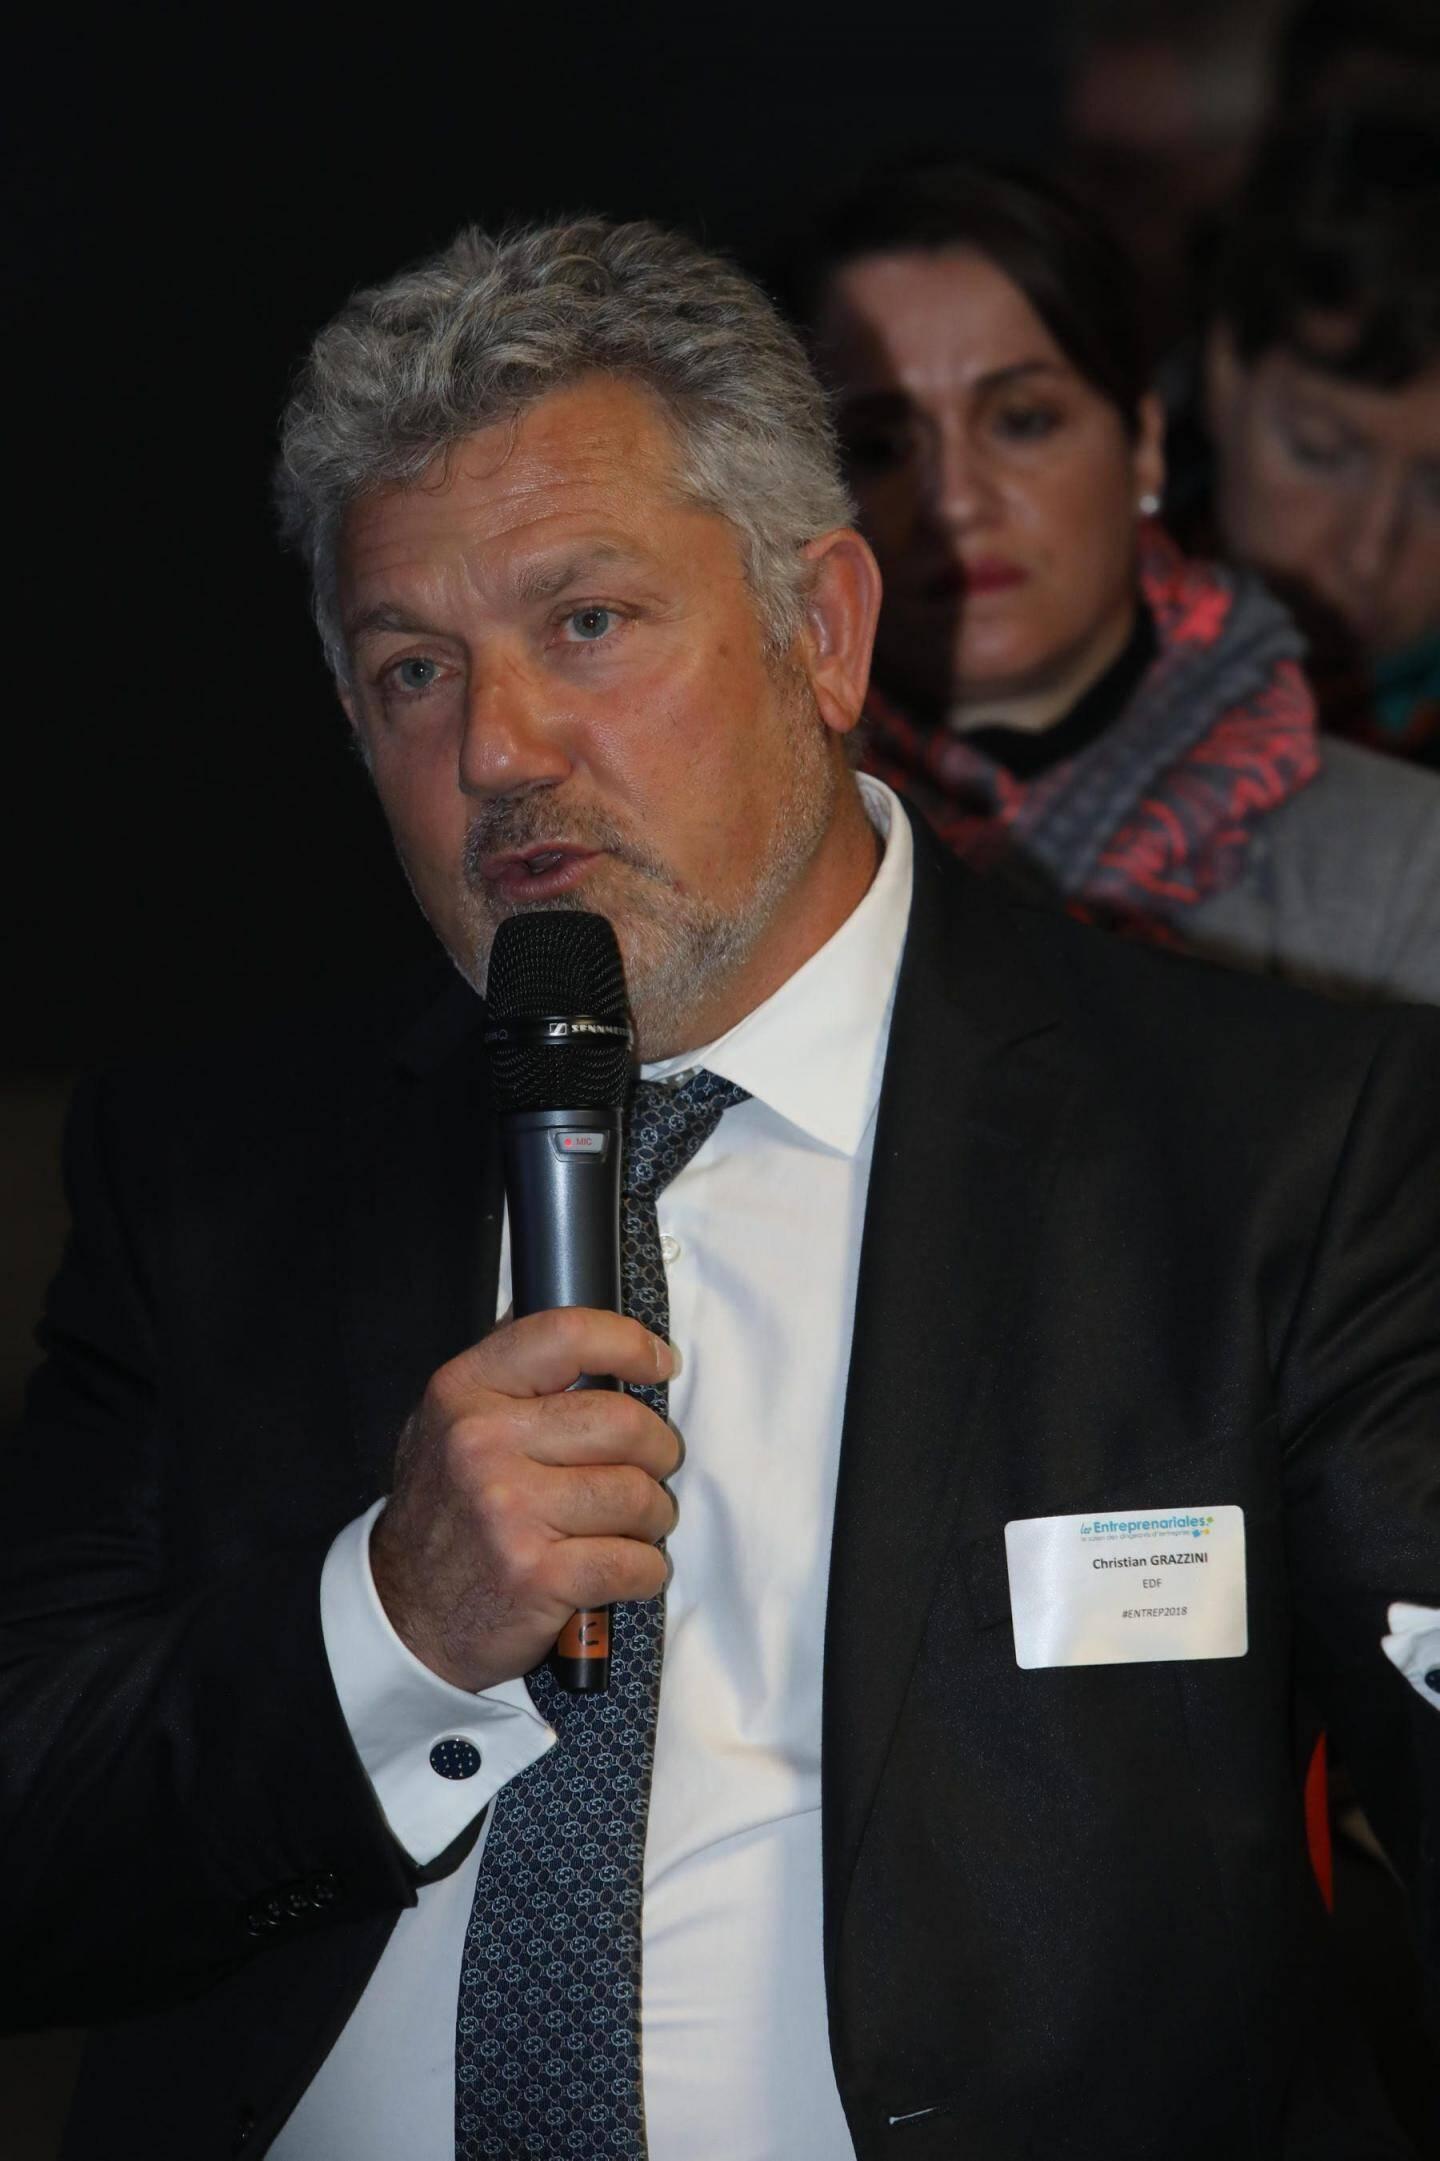 Christian Grazzini, EDF.